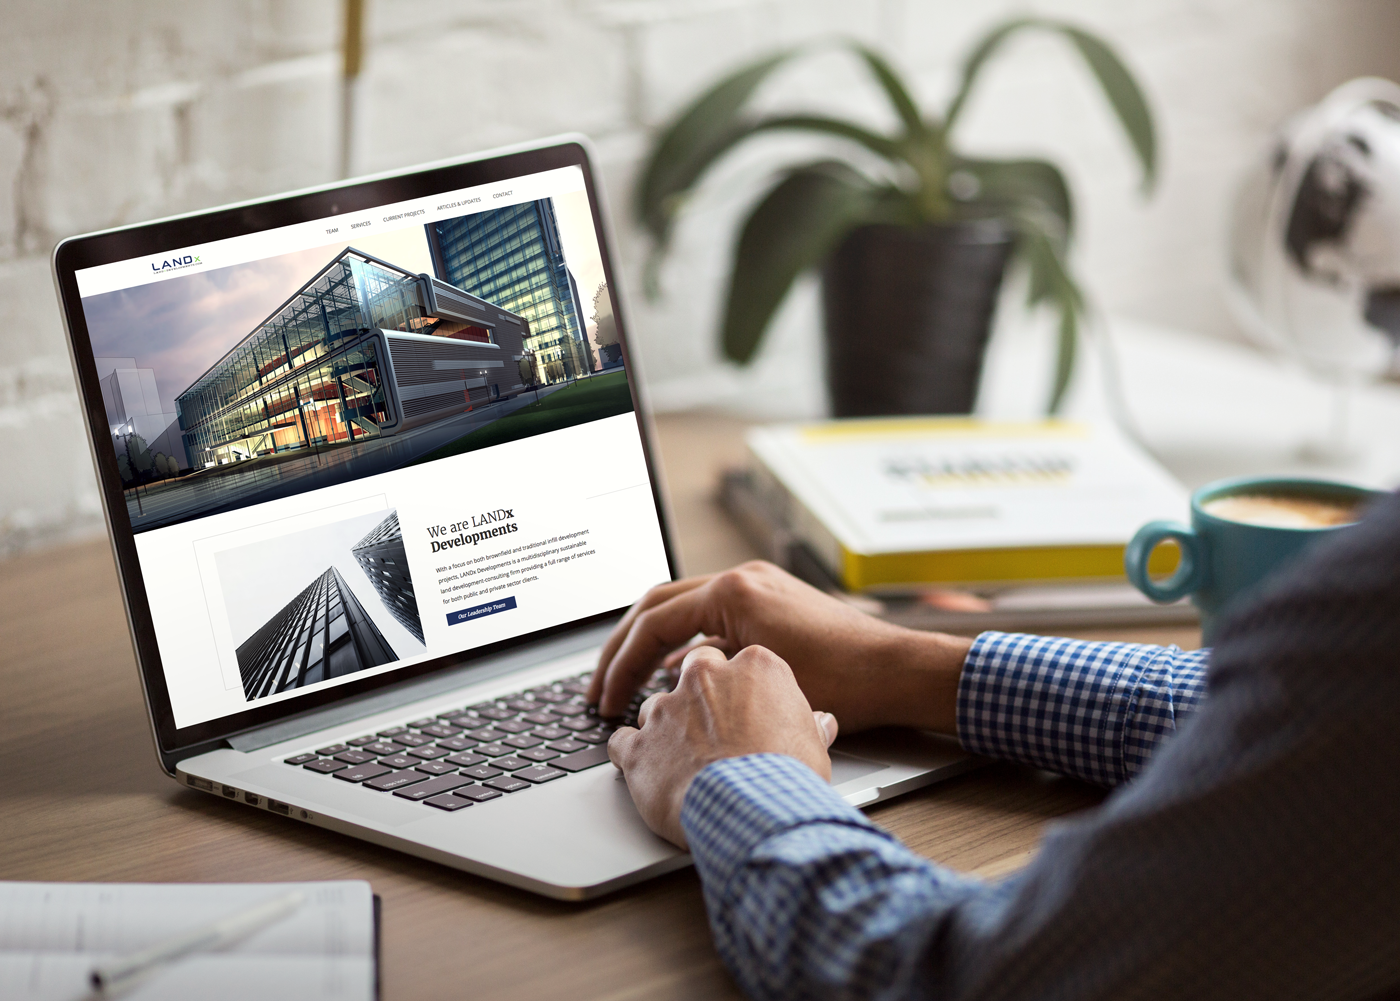 Landx-homepage.png